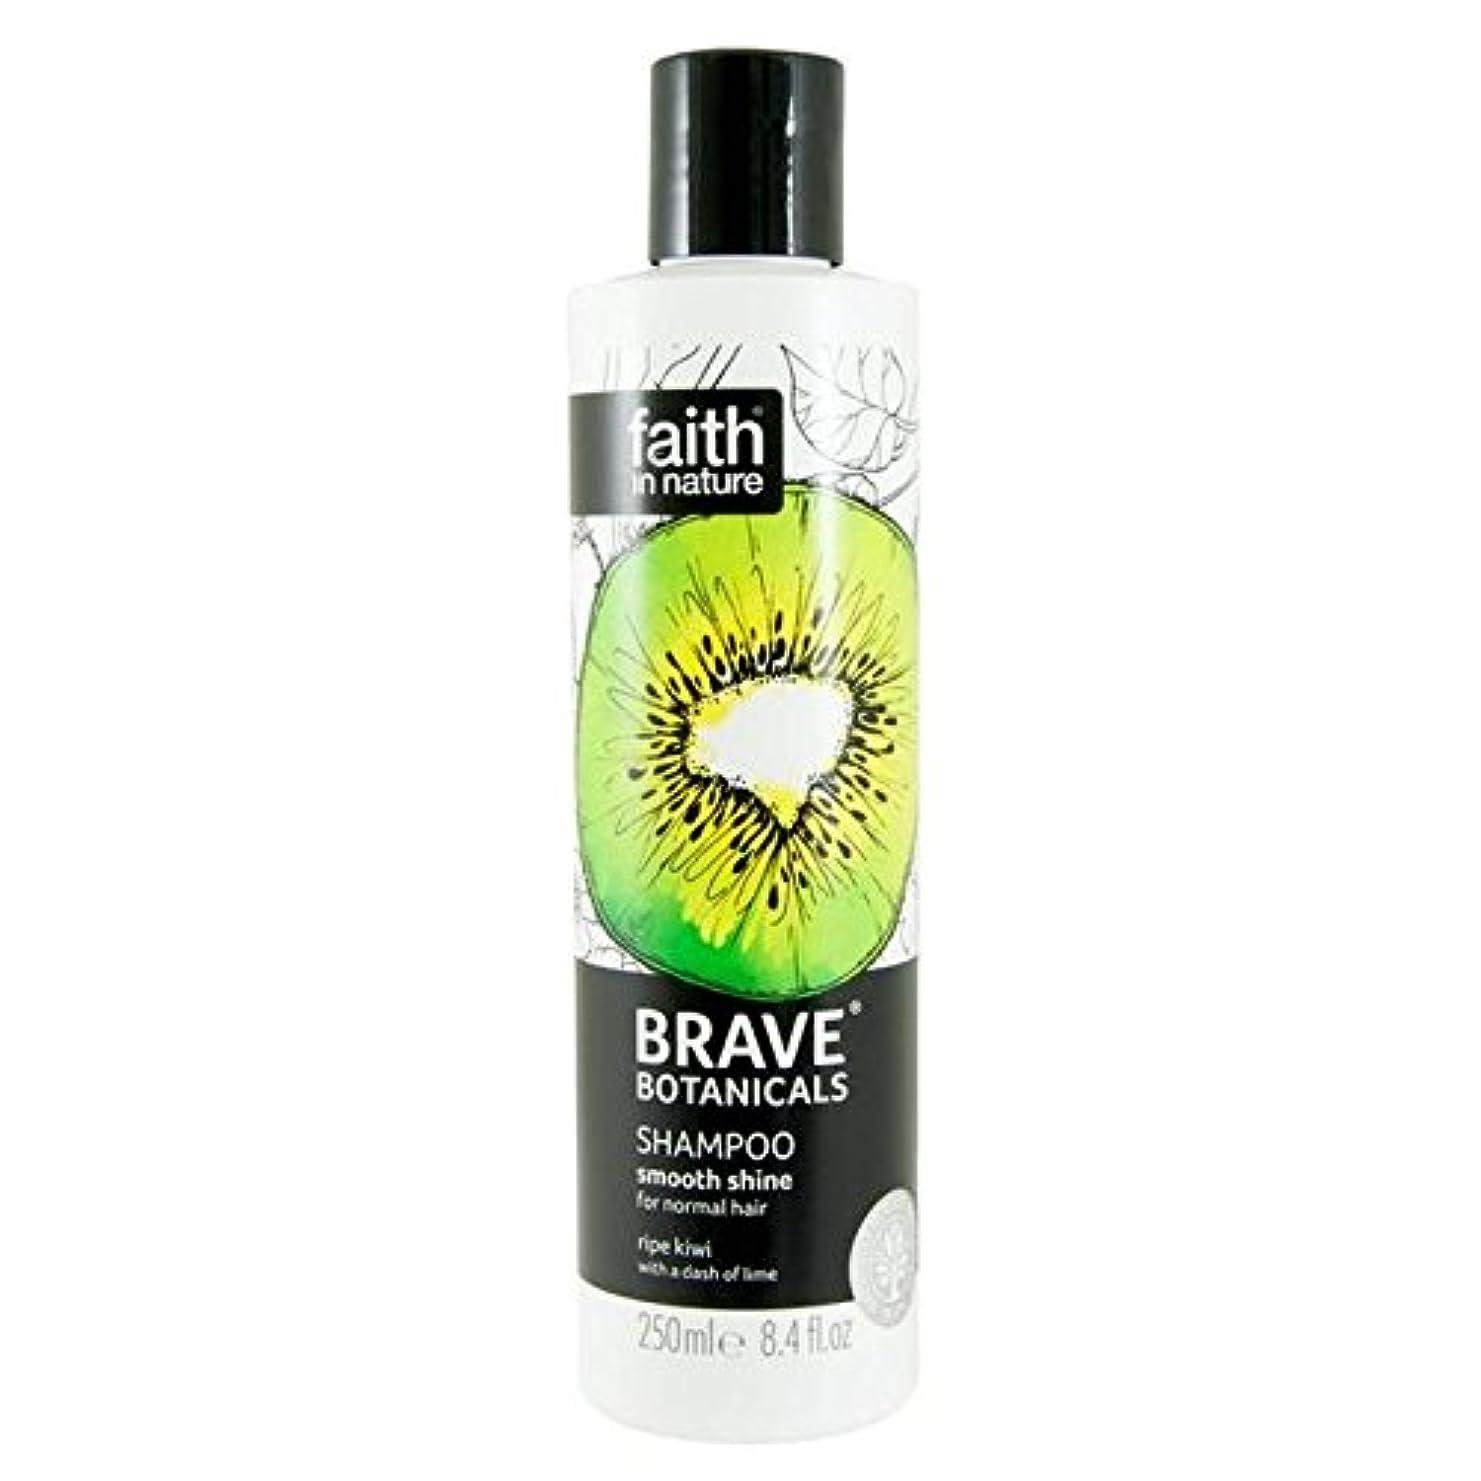 なくなるゴシップ移行するBrave Botanicals Kiwi & Lime Smooth Shine Shampoo 250ml - (Faith In Nature) 勇敢な植物キウイ&ライムなめらかな輝きシャンプー250Ml [並行輸入品]